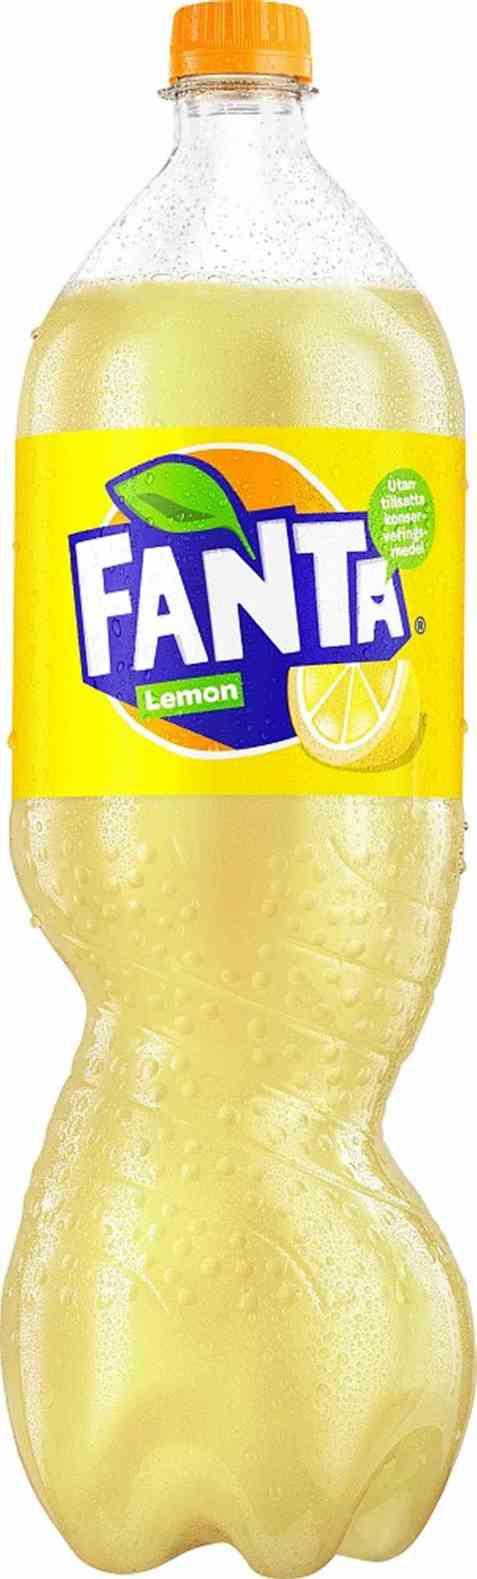 Bilde av Fanta Lemon 1,5 liter.